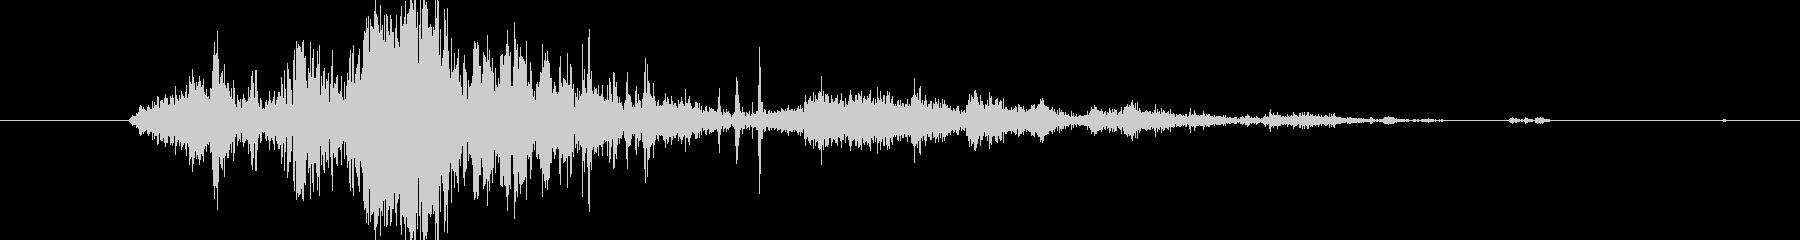 シックル ヒットスマッシュ01の未再生の波形